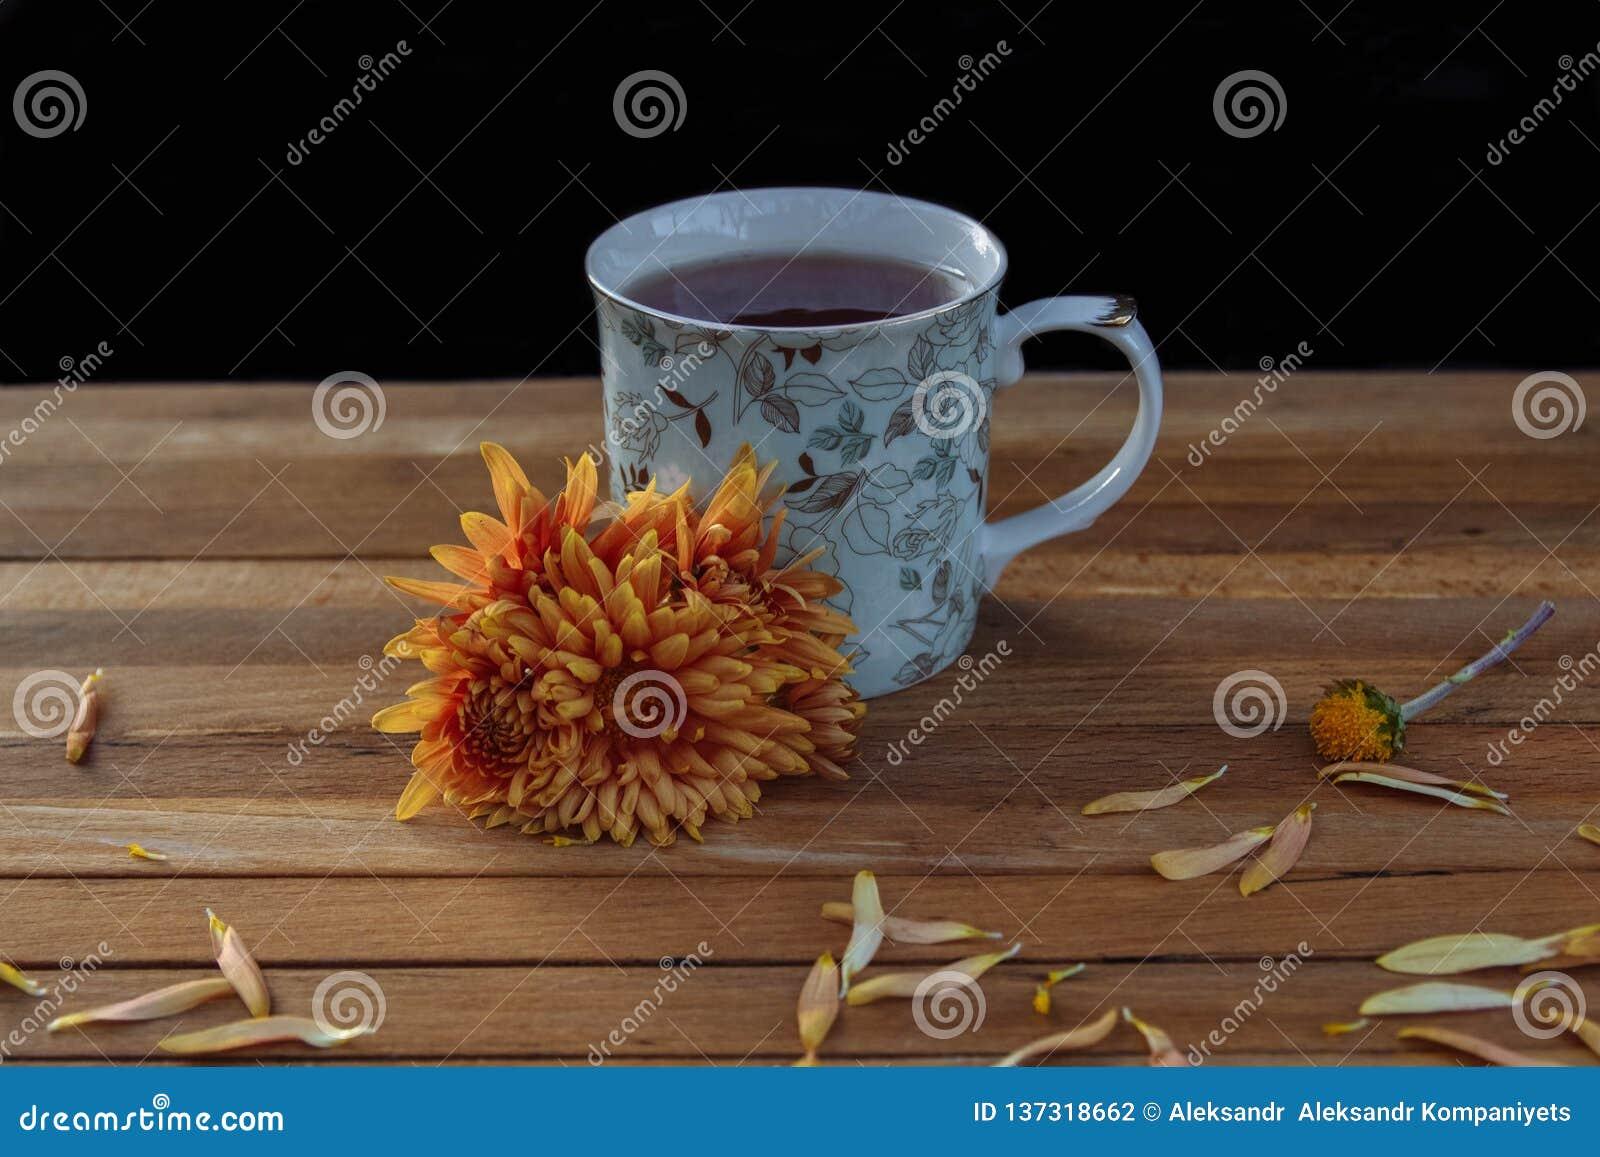 茶与花的早餐